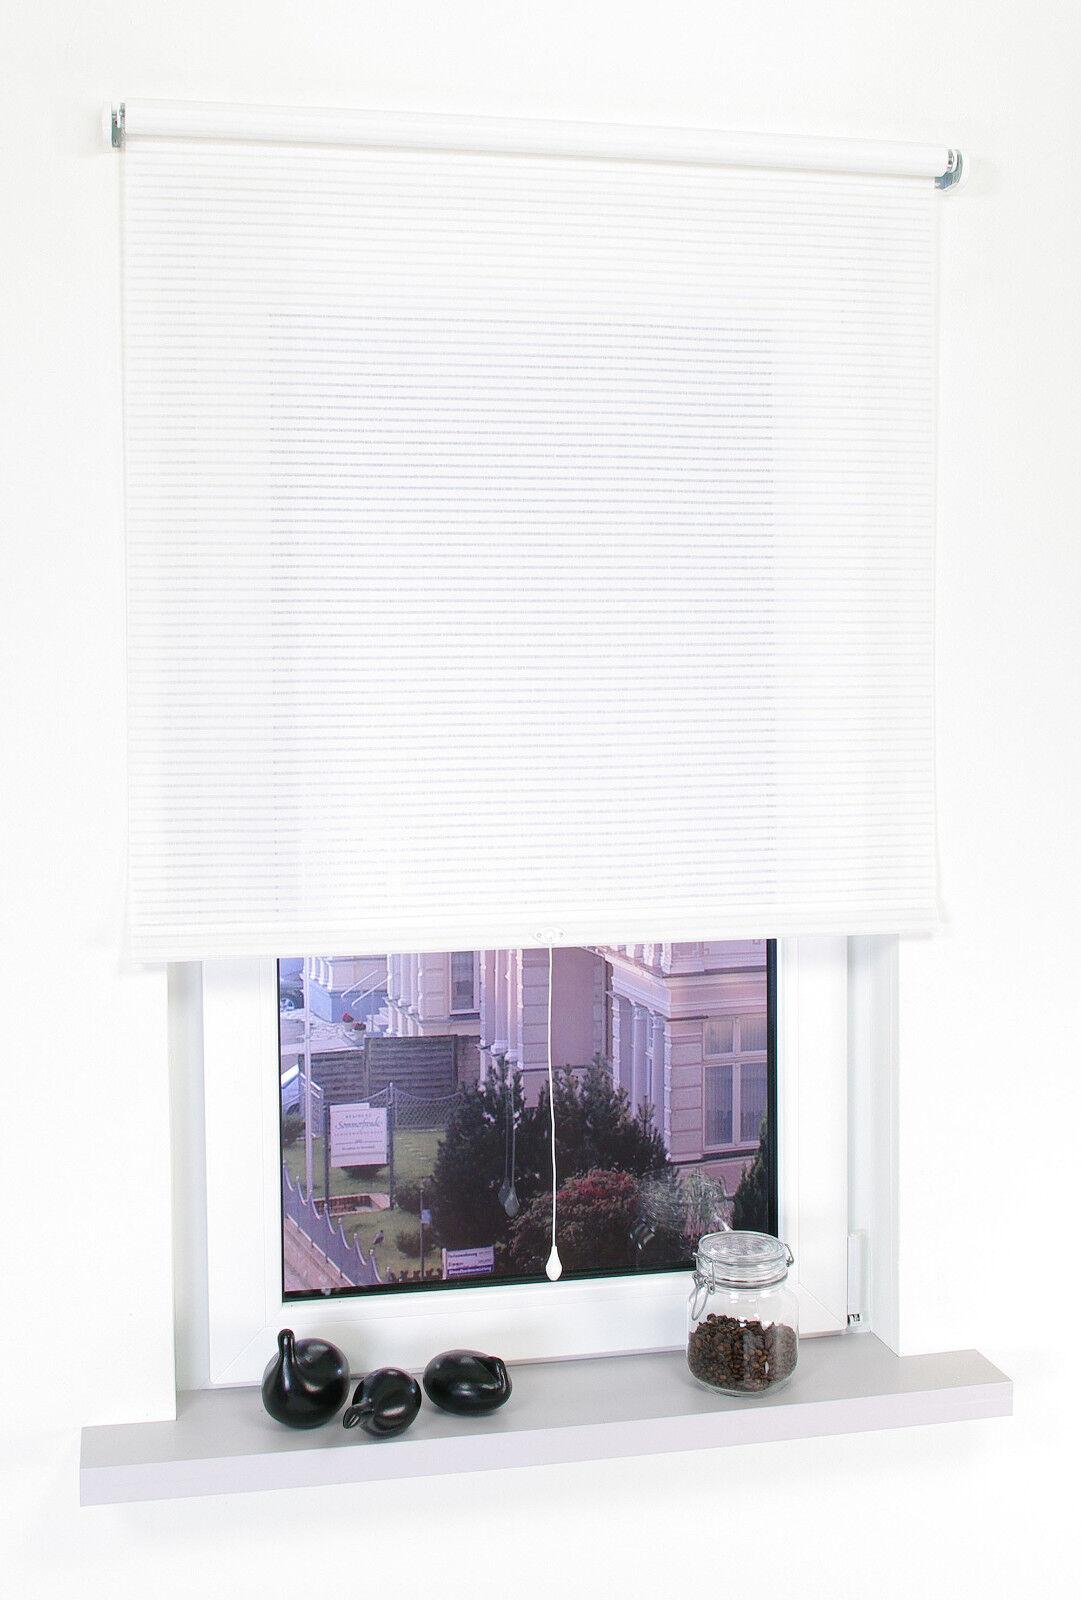 Springrollo Mittelzugrollo Schnapprollo Fenster Tür Rollo Mittelzug Altweiß Weiß